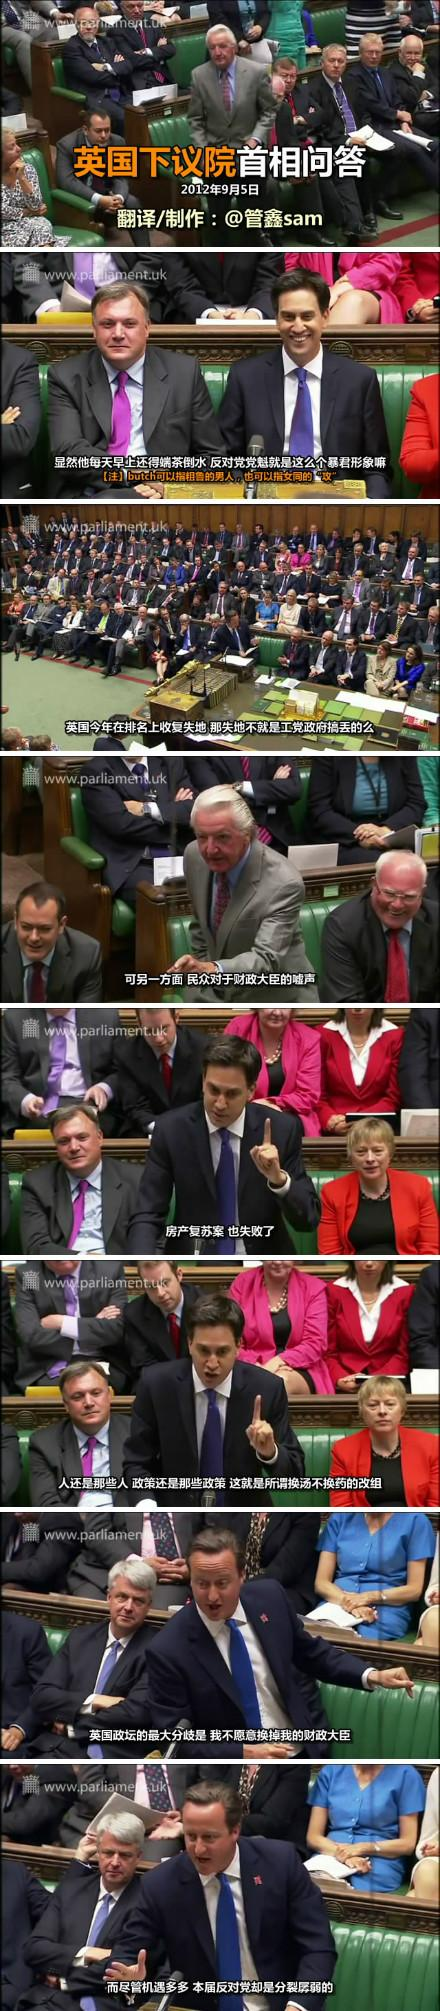 英国下议院首相问答 2012.9.5 【PMQ回归】夏日休会期后英国议会重装上阵